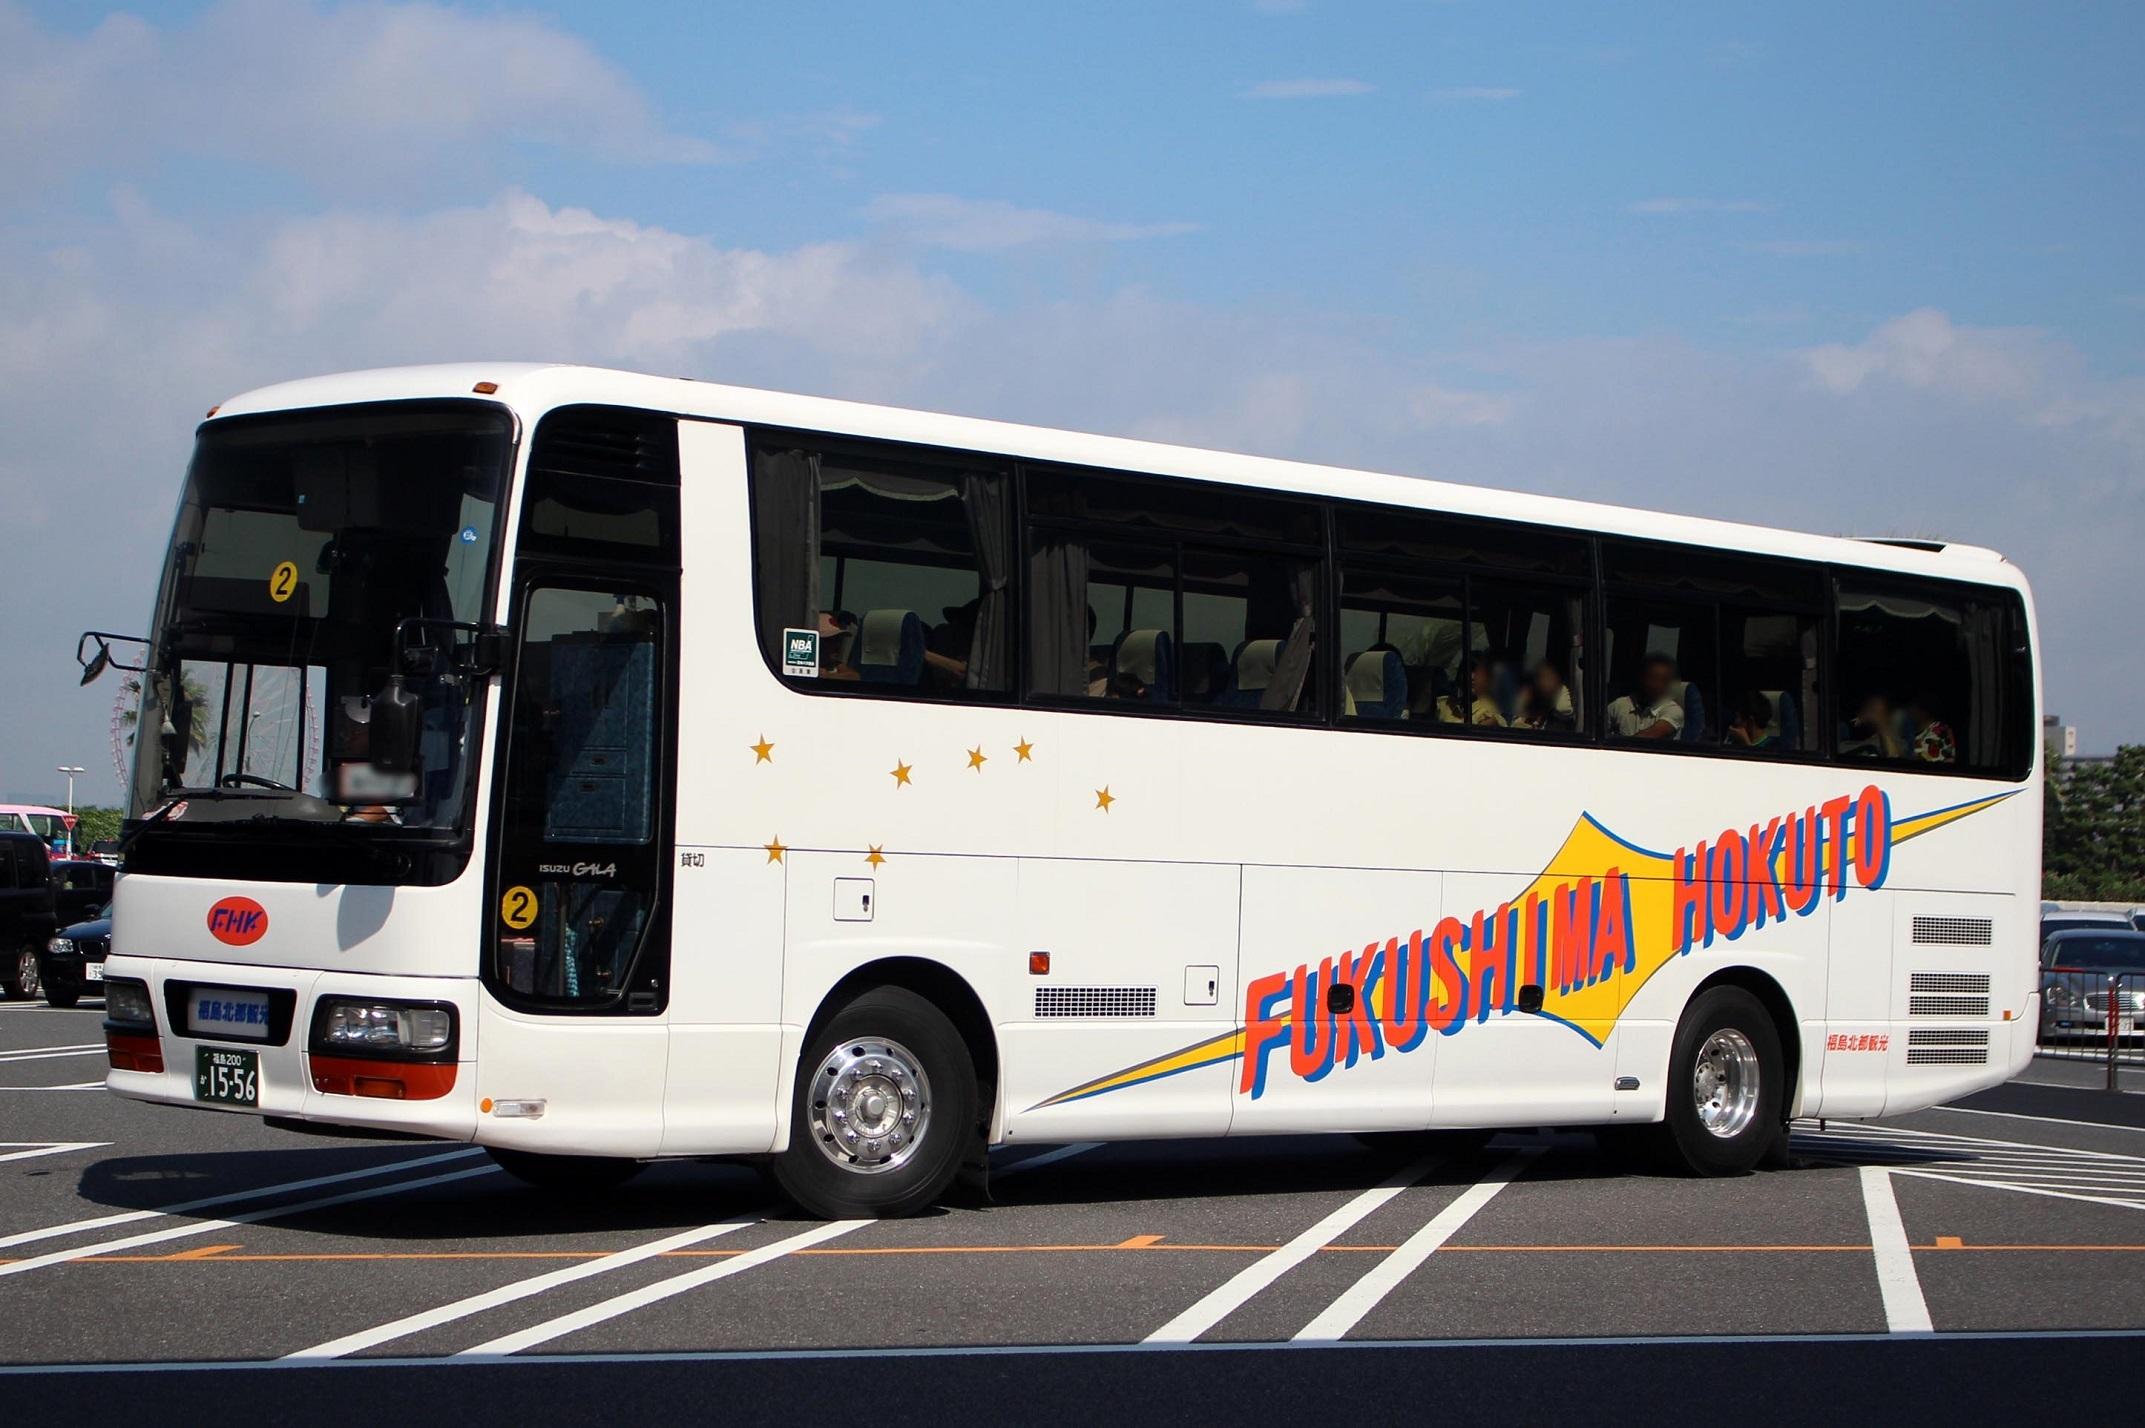 福島北都観光バス か1556